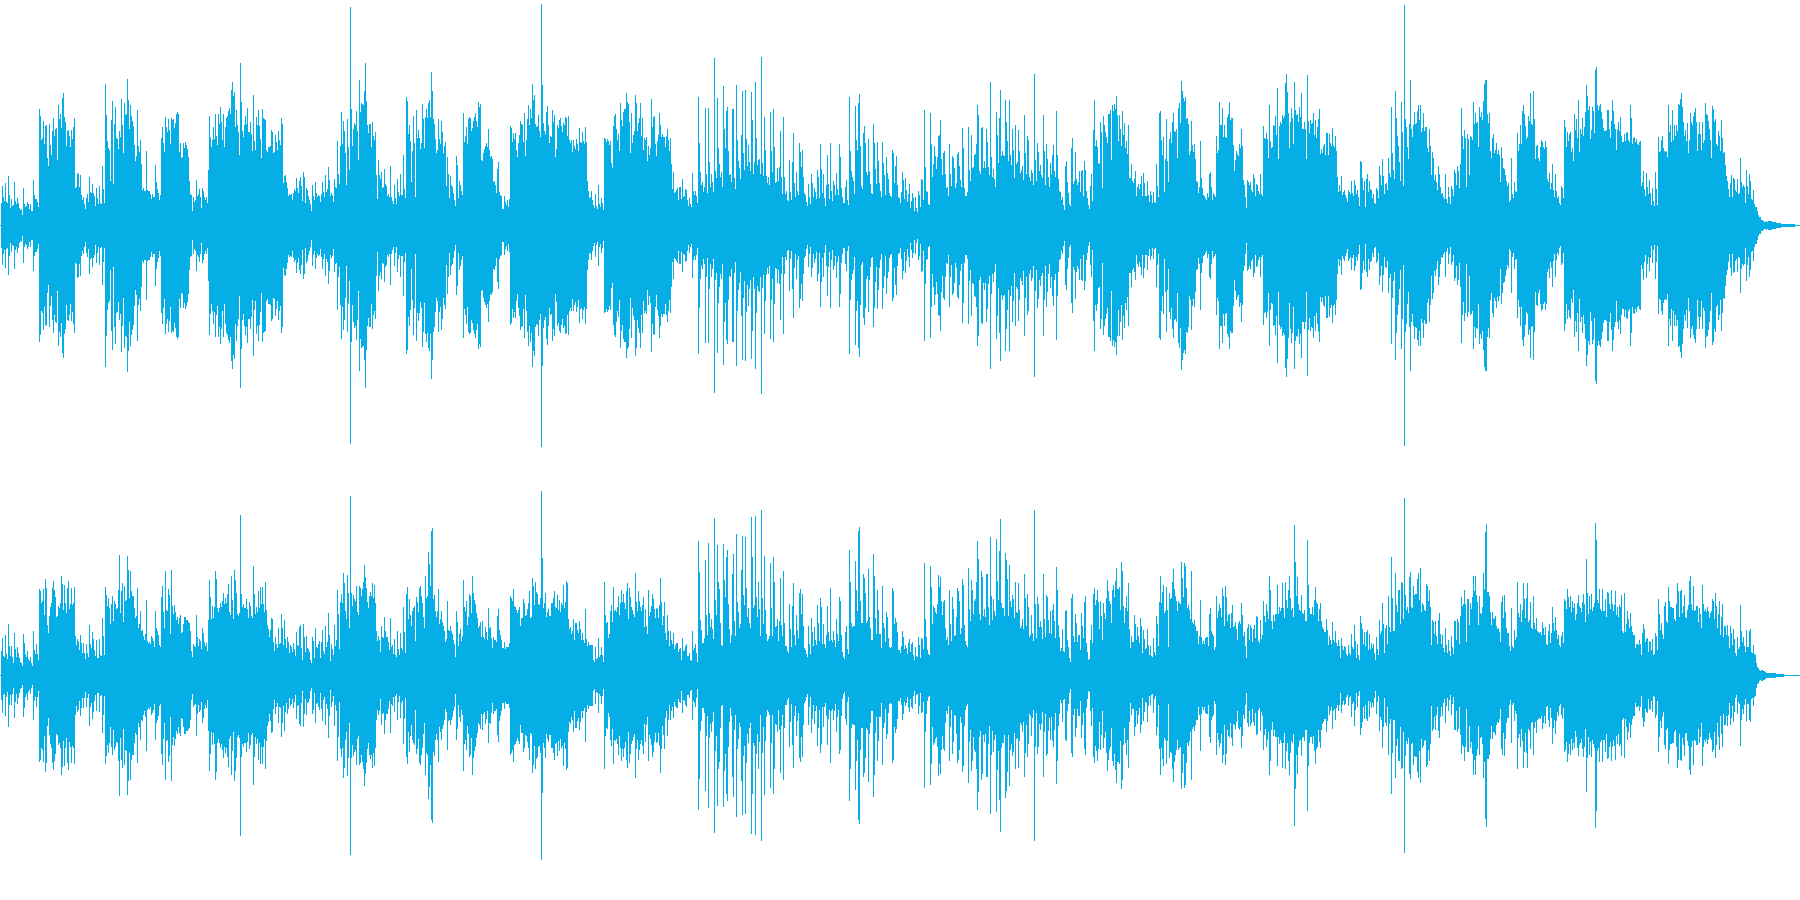 楽しいヨーロッパ民族音楽の再生済みの波形